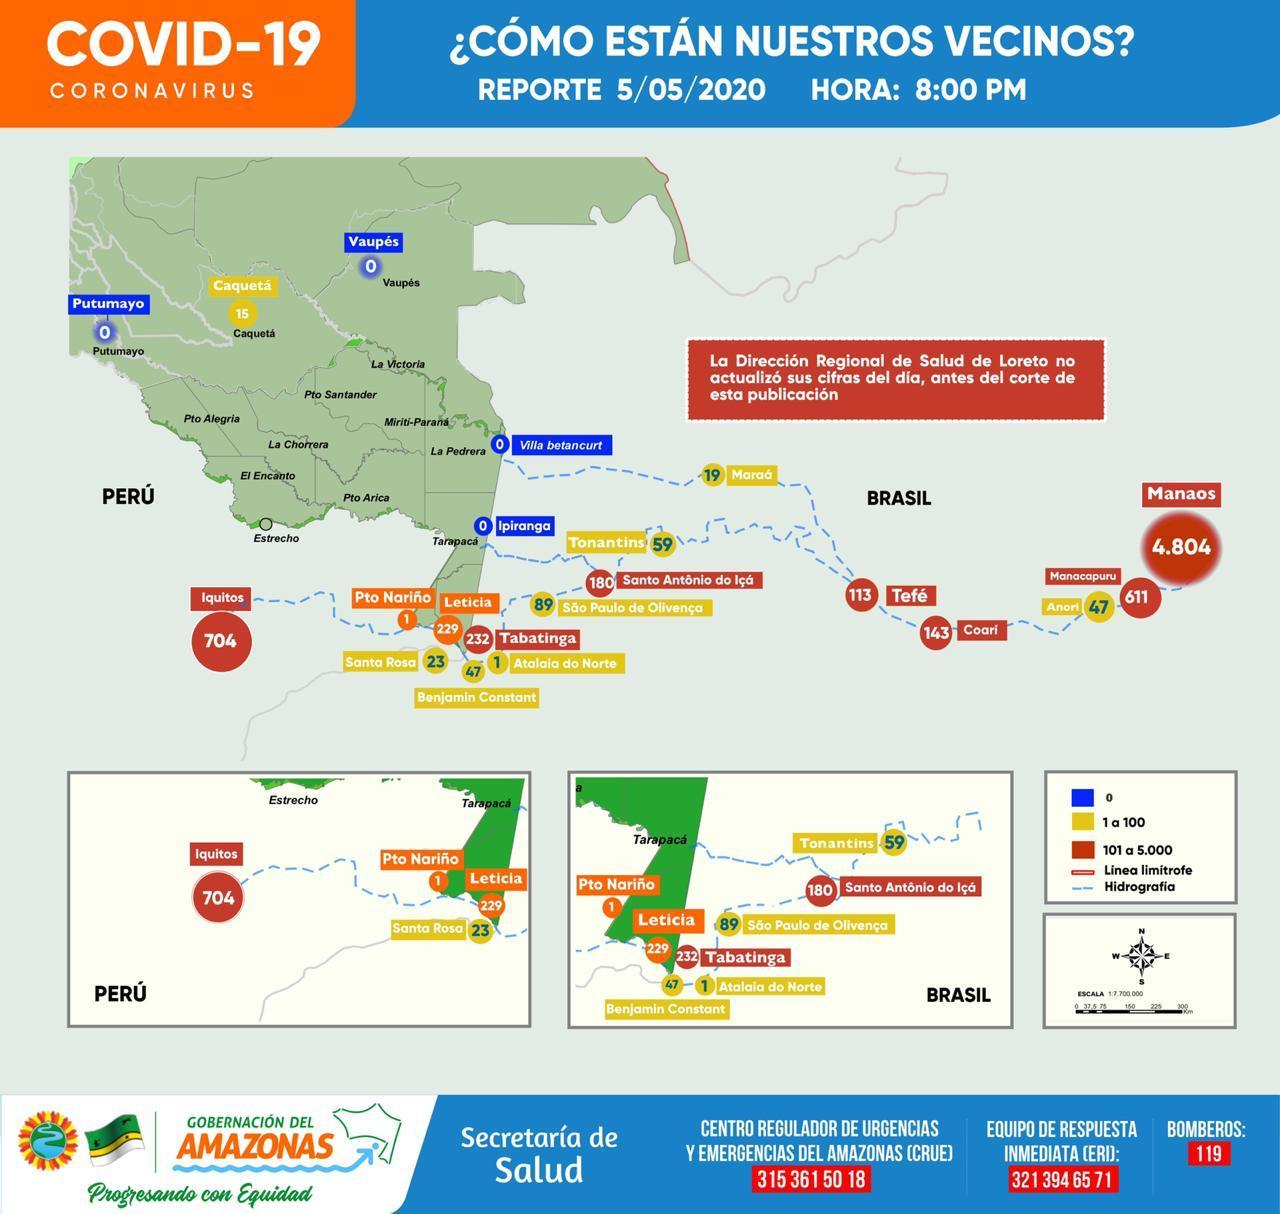 Reporte COVID-19 Secretaría de Salud del Amazonas, Colombia Brasil Peru